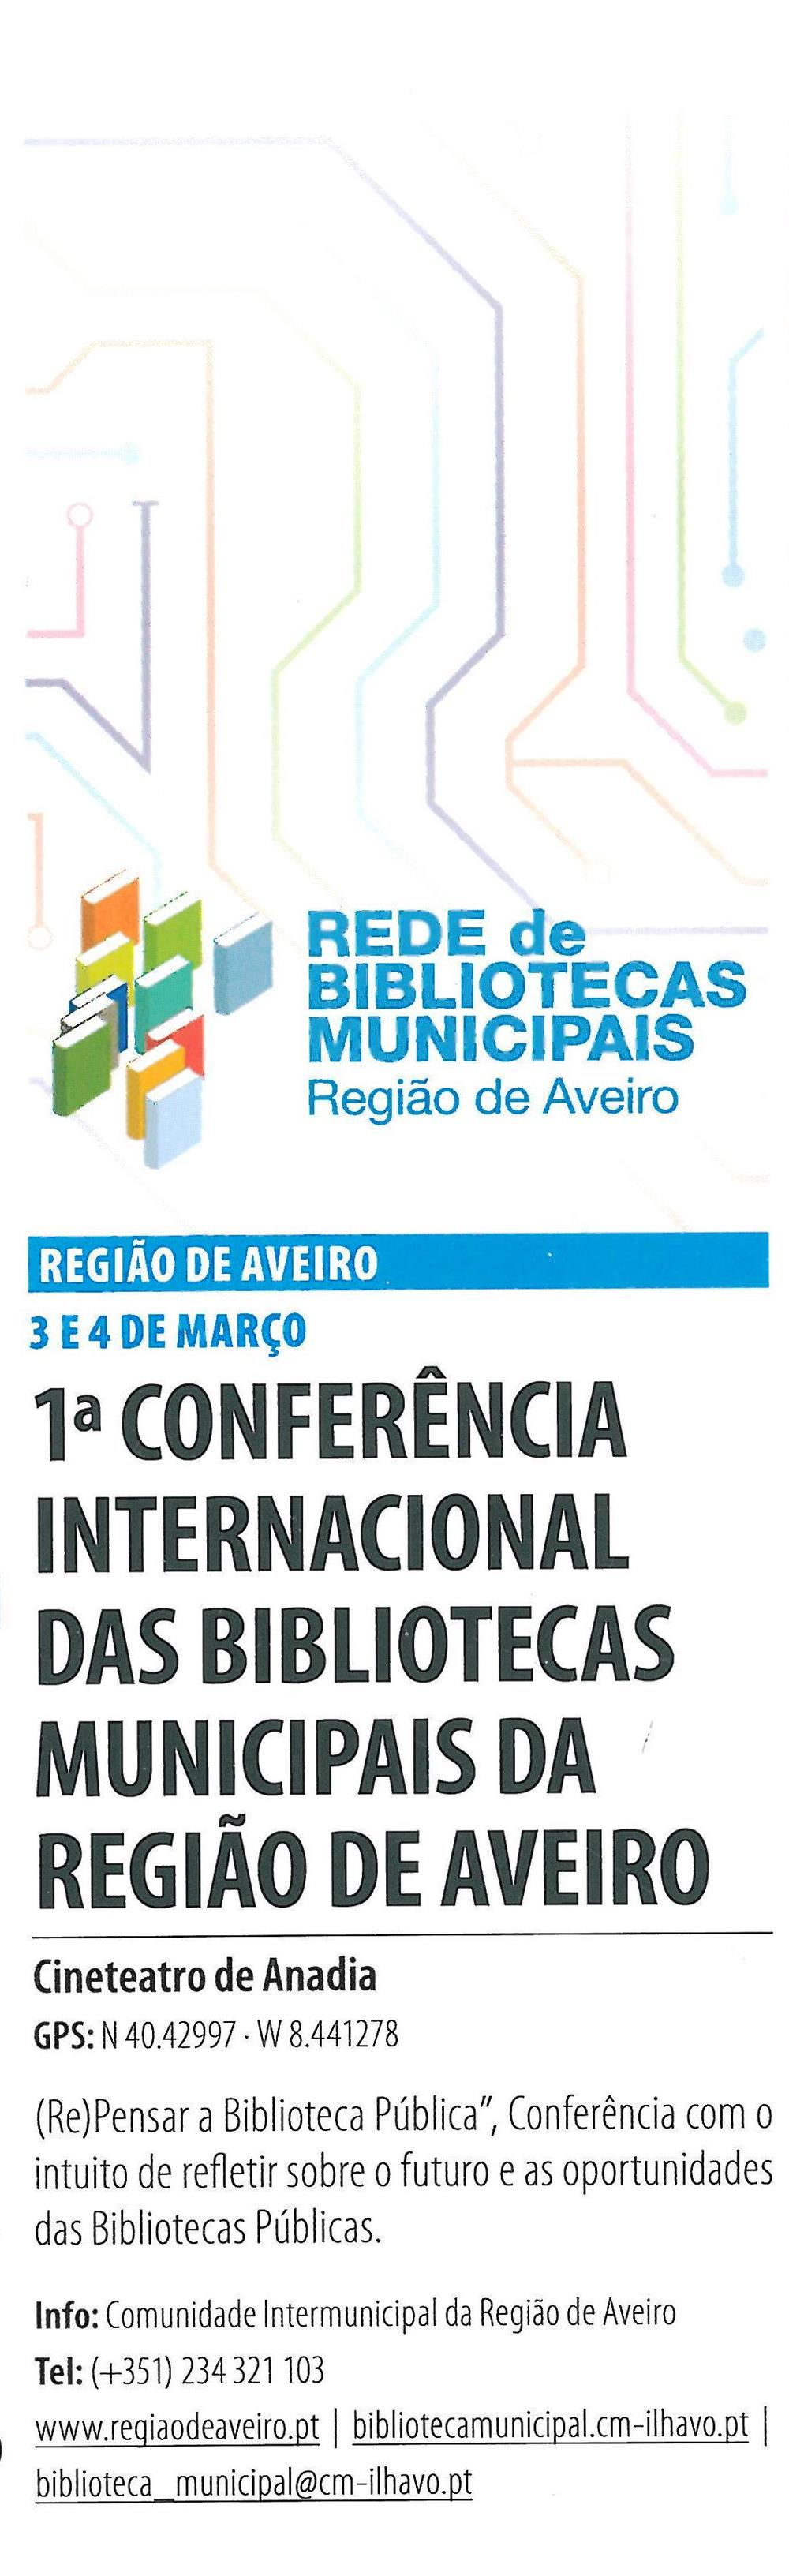 RA-Agenda-mar.'16-p.1-1.ª Conferência Internacional das Bibliotecas Municipais da Região de Aveiro : Rede de Bibliotecas Municipais : Região de Aveiro.jpg